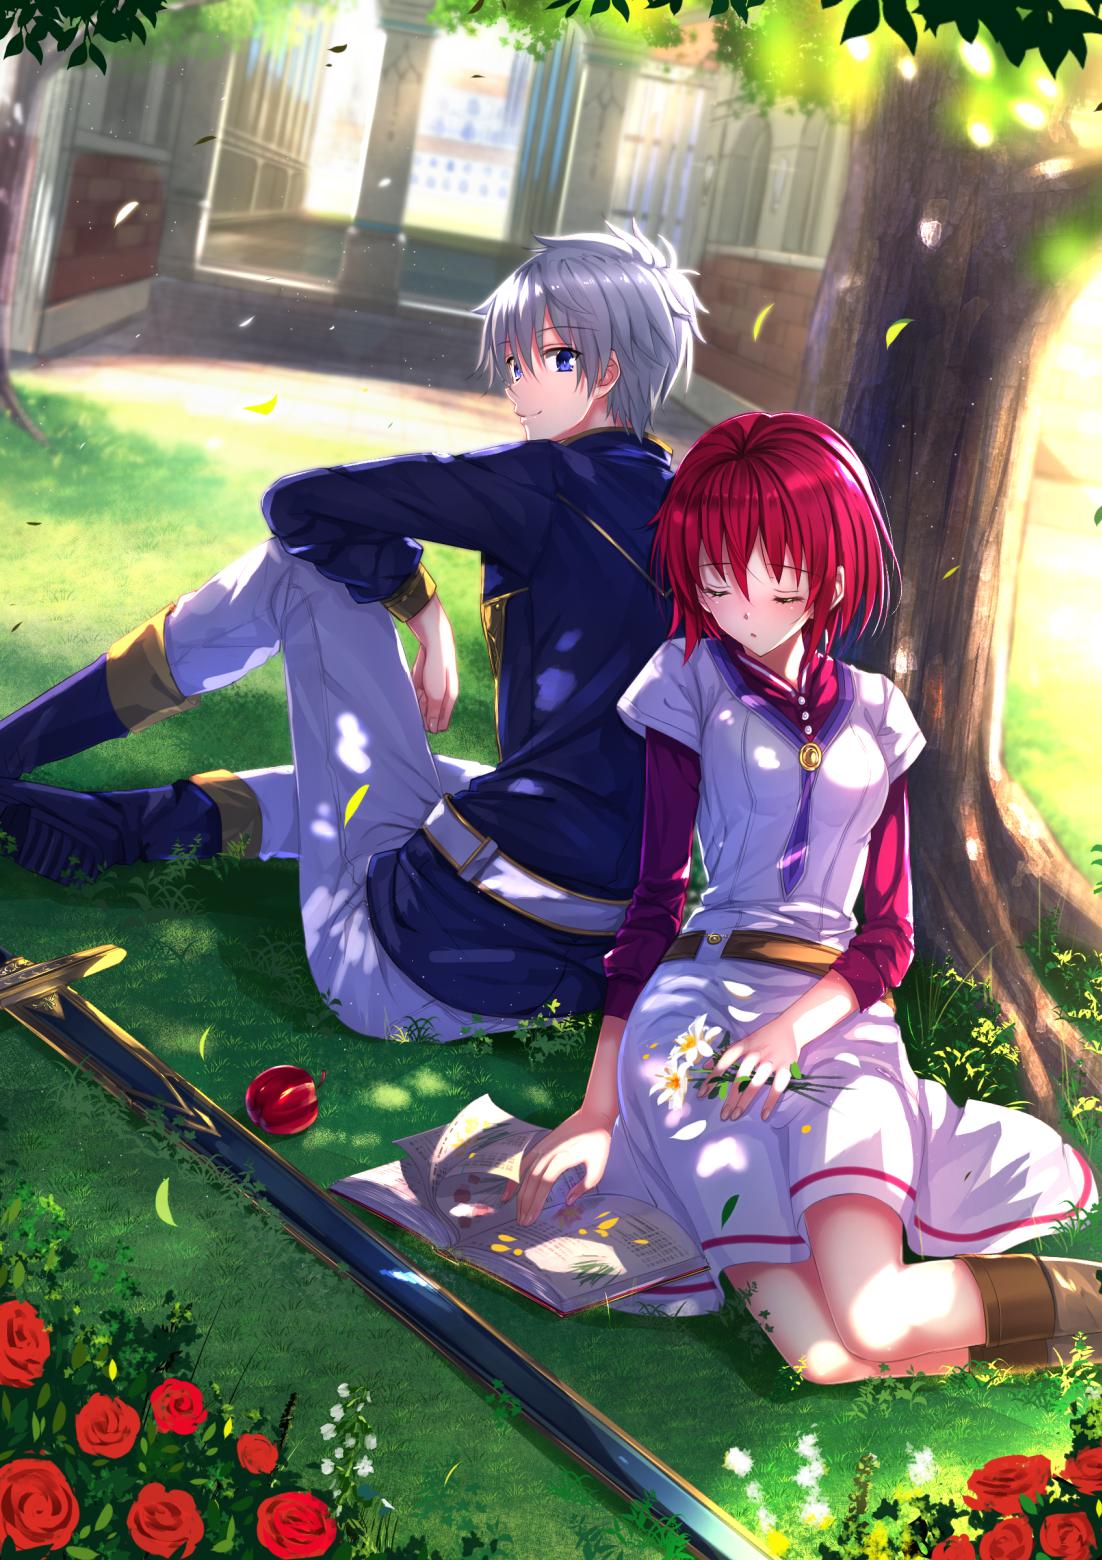 Akagami No Shirayukihime Mobile Wallpaper Zerochan Anime Image